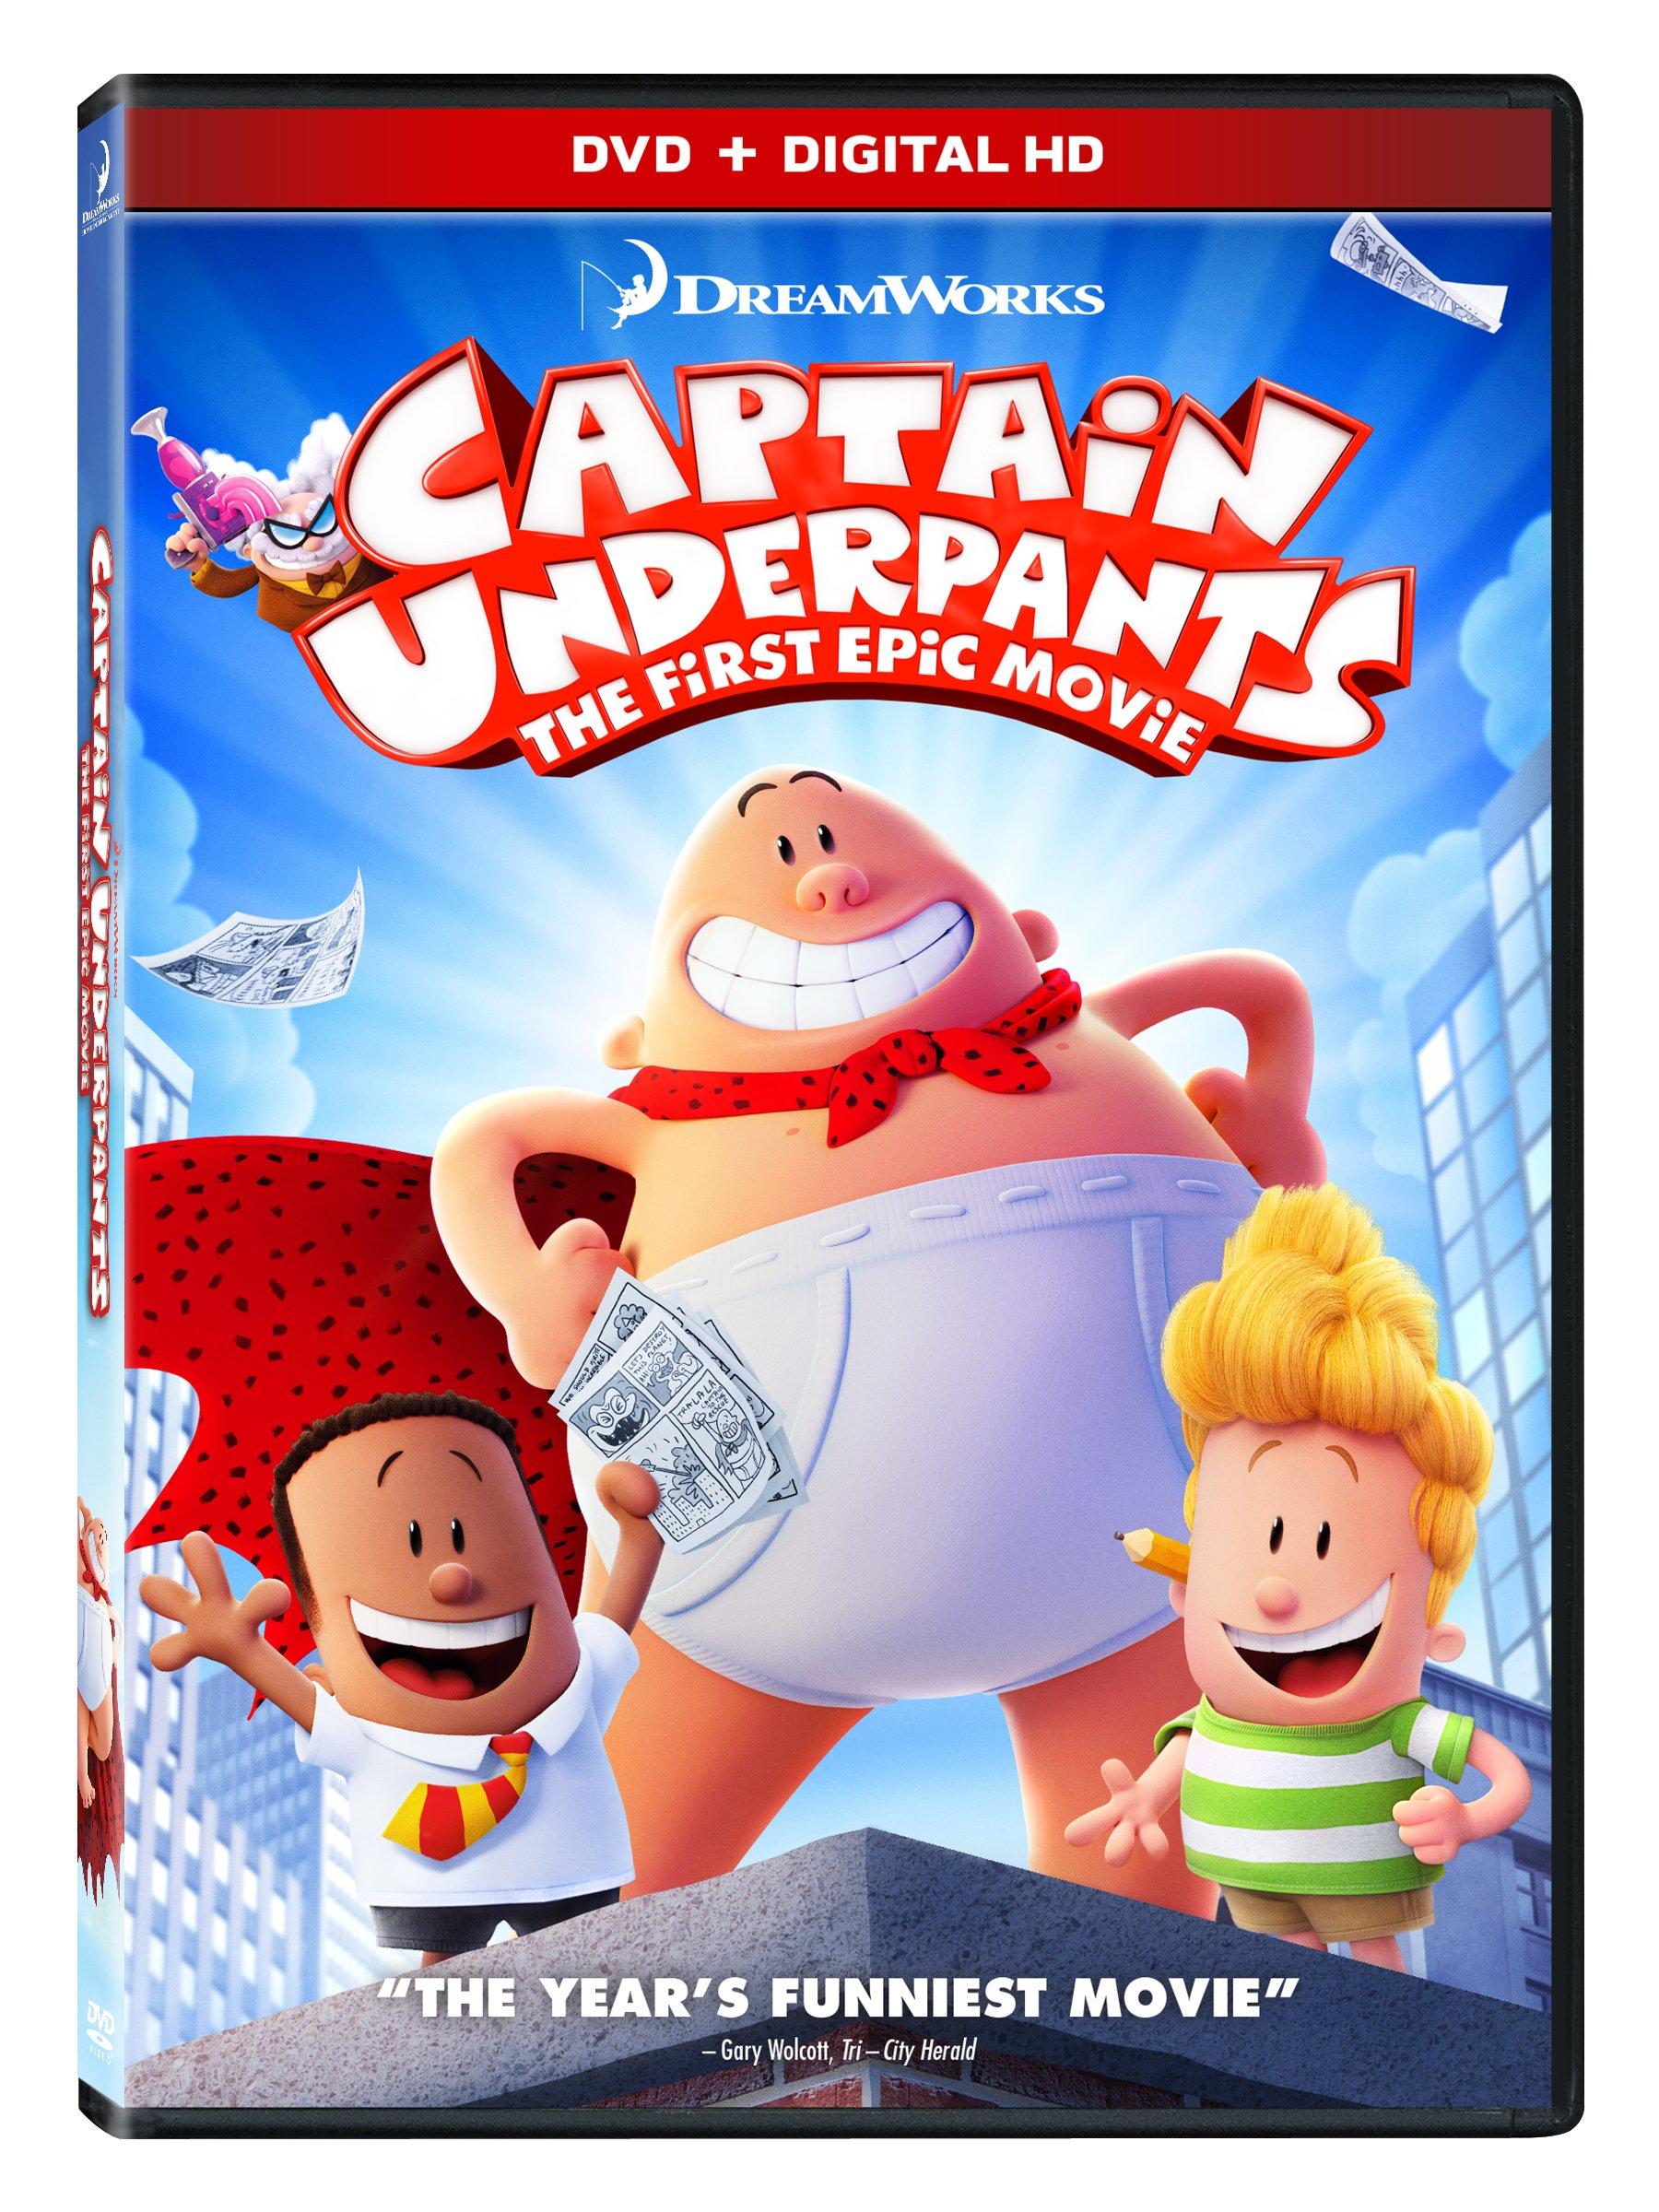 Epic Captain Underpants Movie